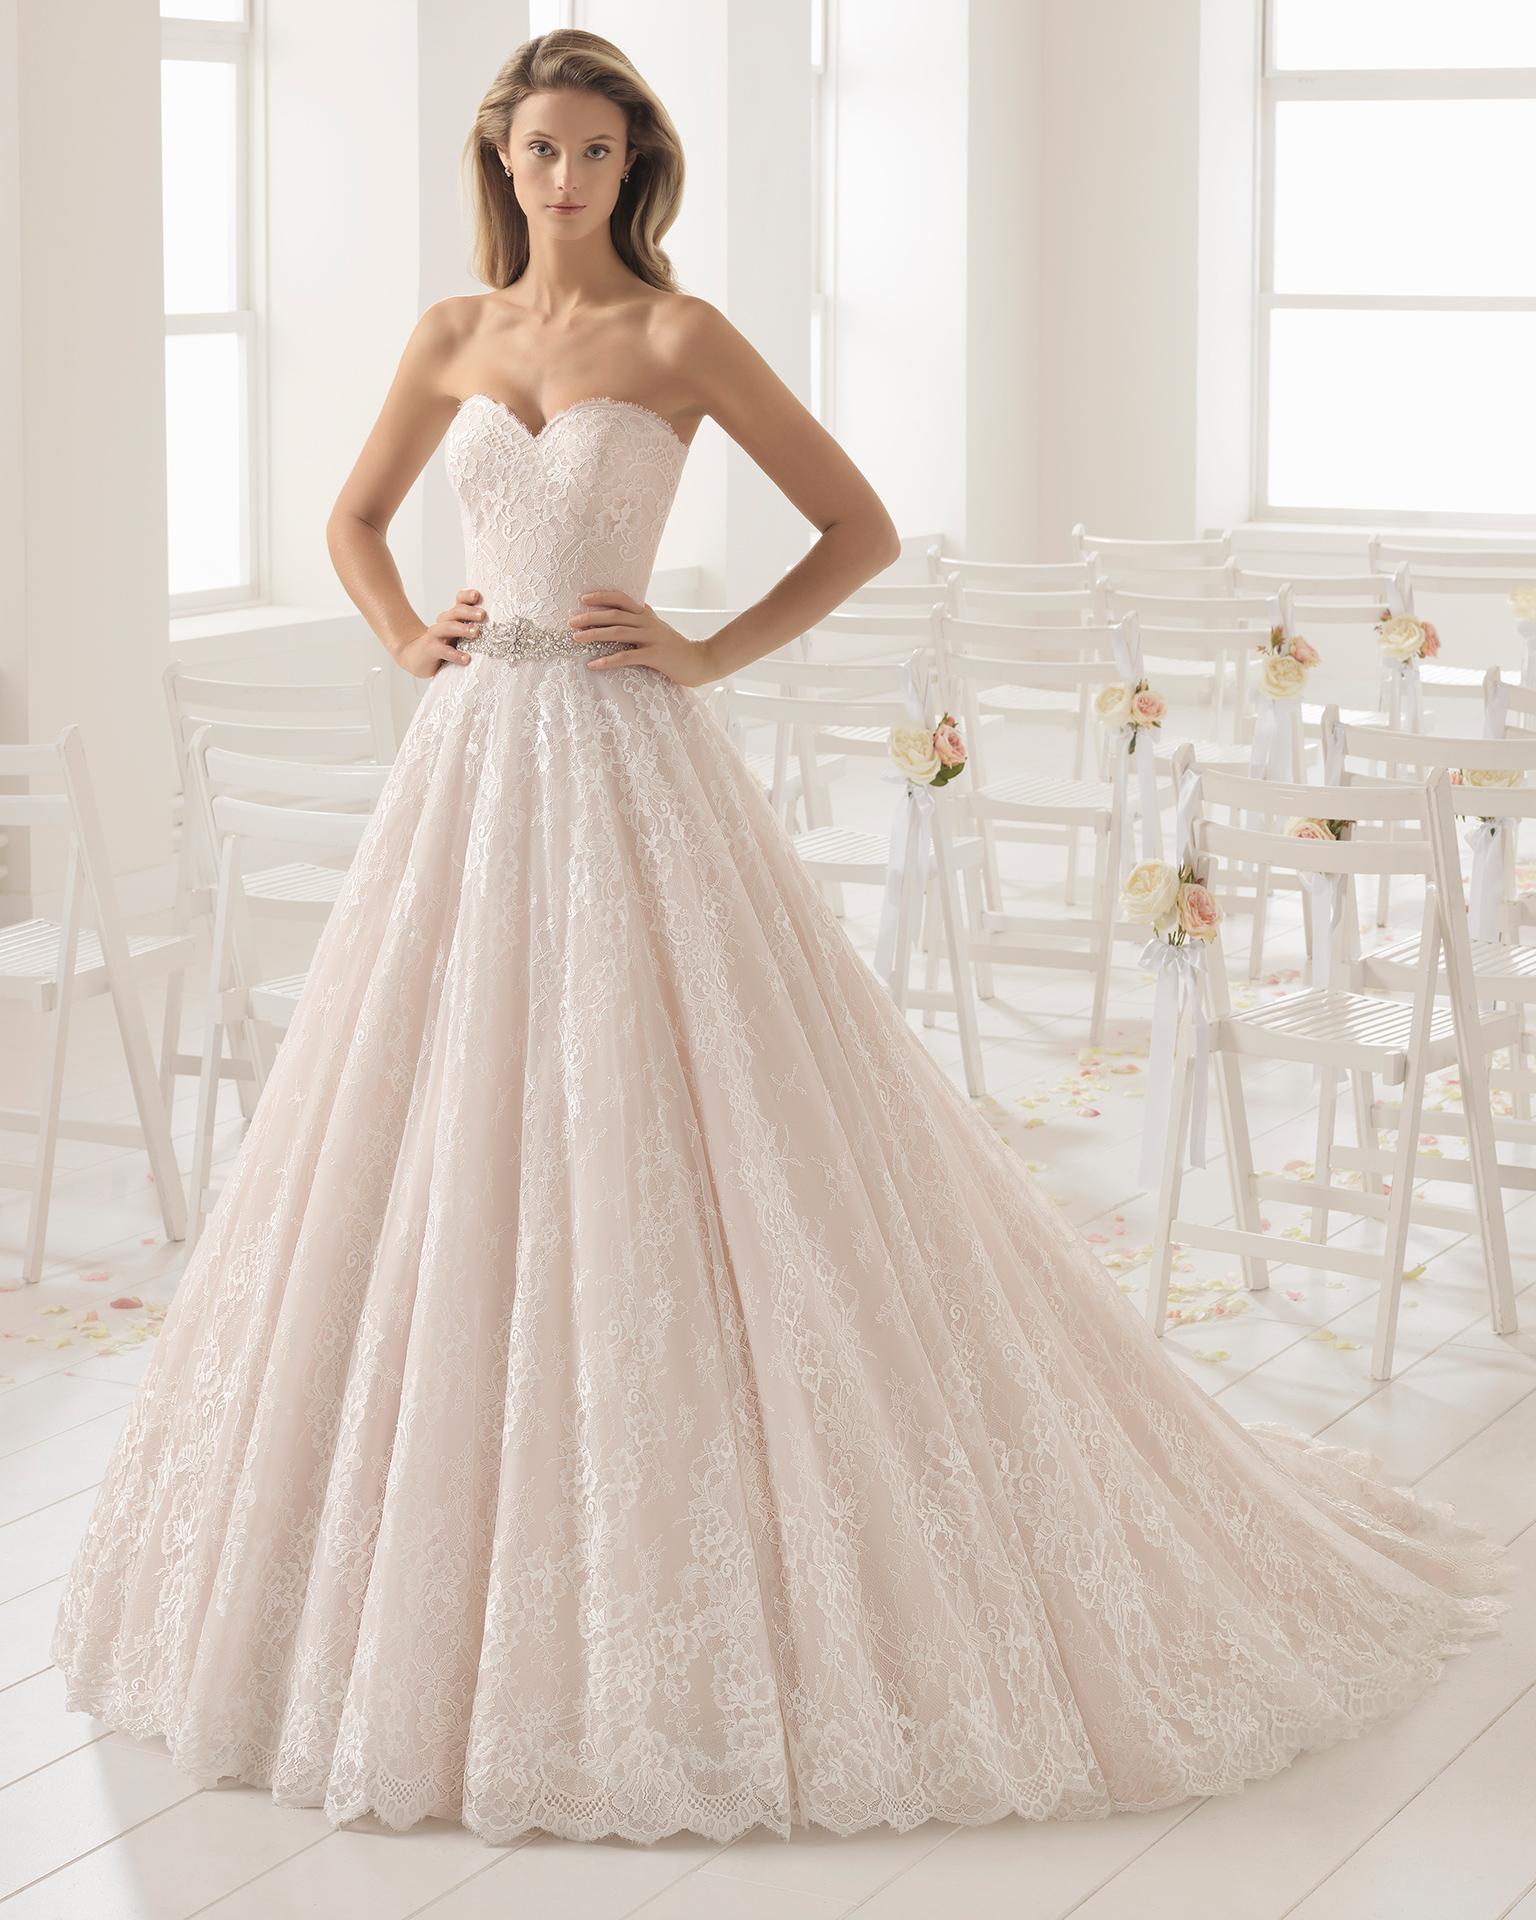 Rochie de mireasă în stil romantic din dantelă cu decolteu inimă, de culoare rosé și ecru cu ornament din strasuri.